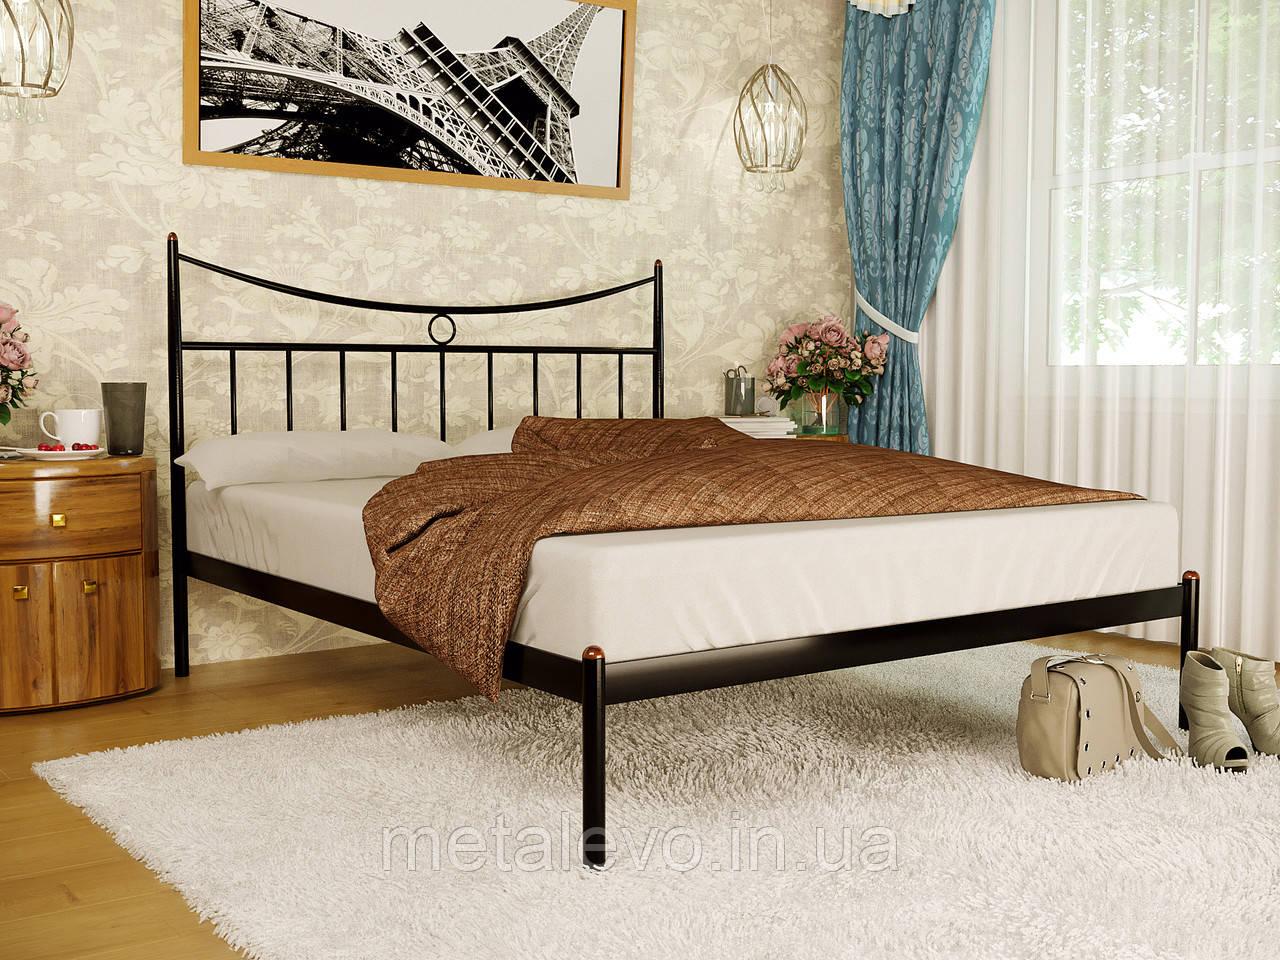 Кровать металлическая ПАРИЖ-1 (PARIS-1)  ТМ Метакам